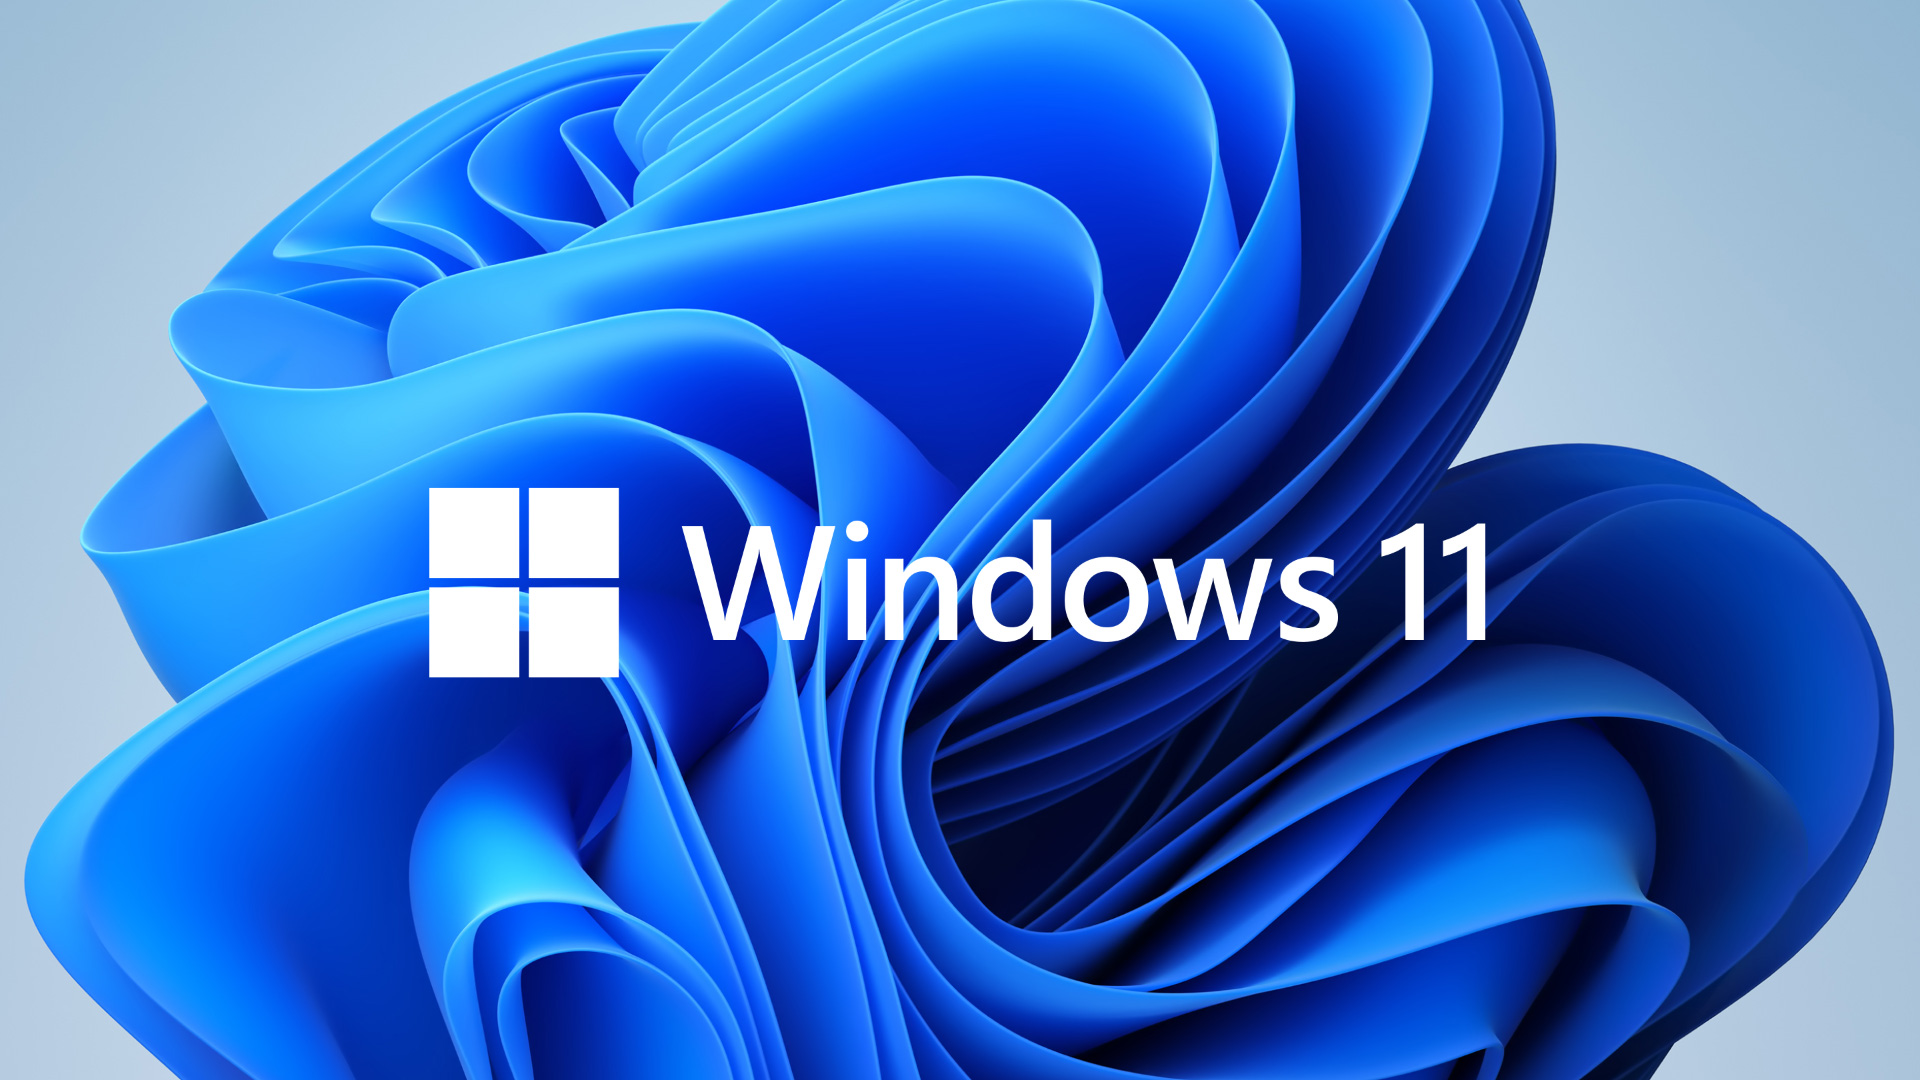 Windows 11 logosu ve dekoratif arka plan